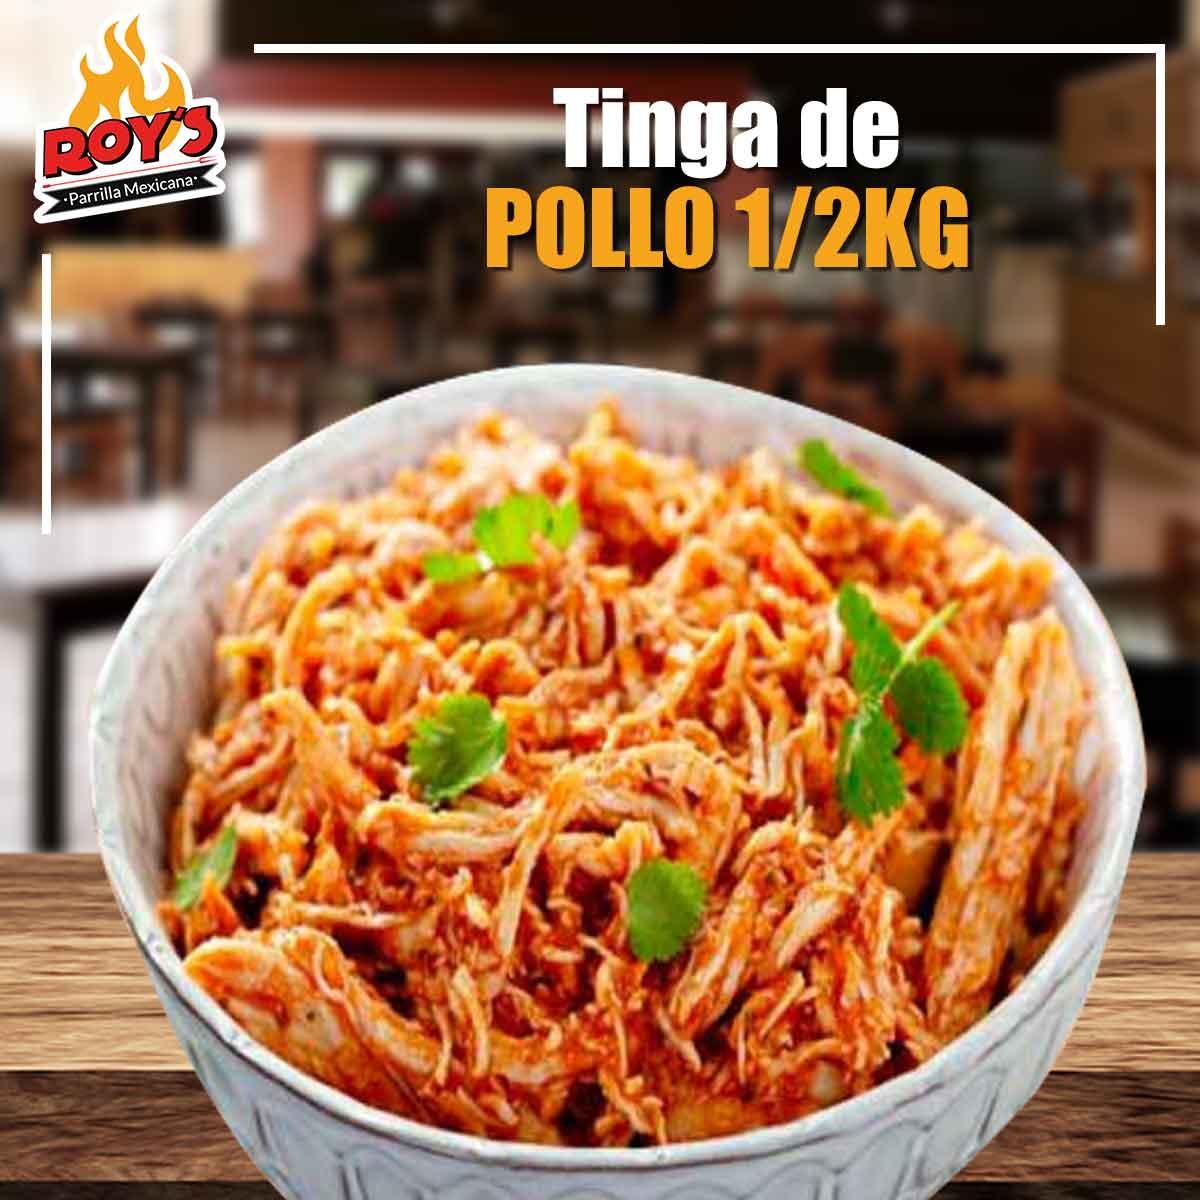 Tinga de Pollo 1/2kg